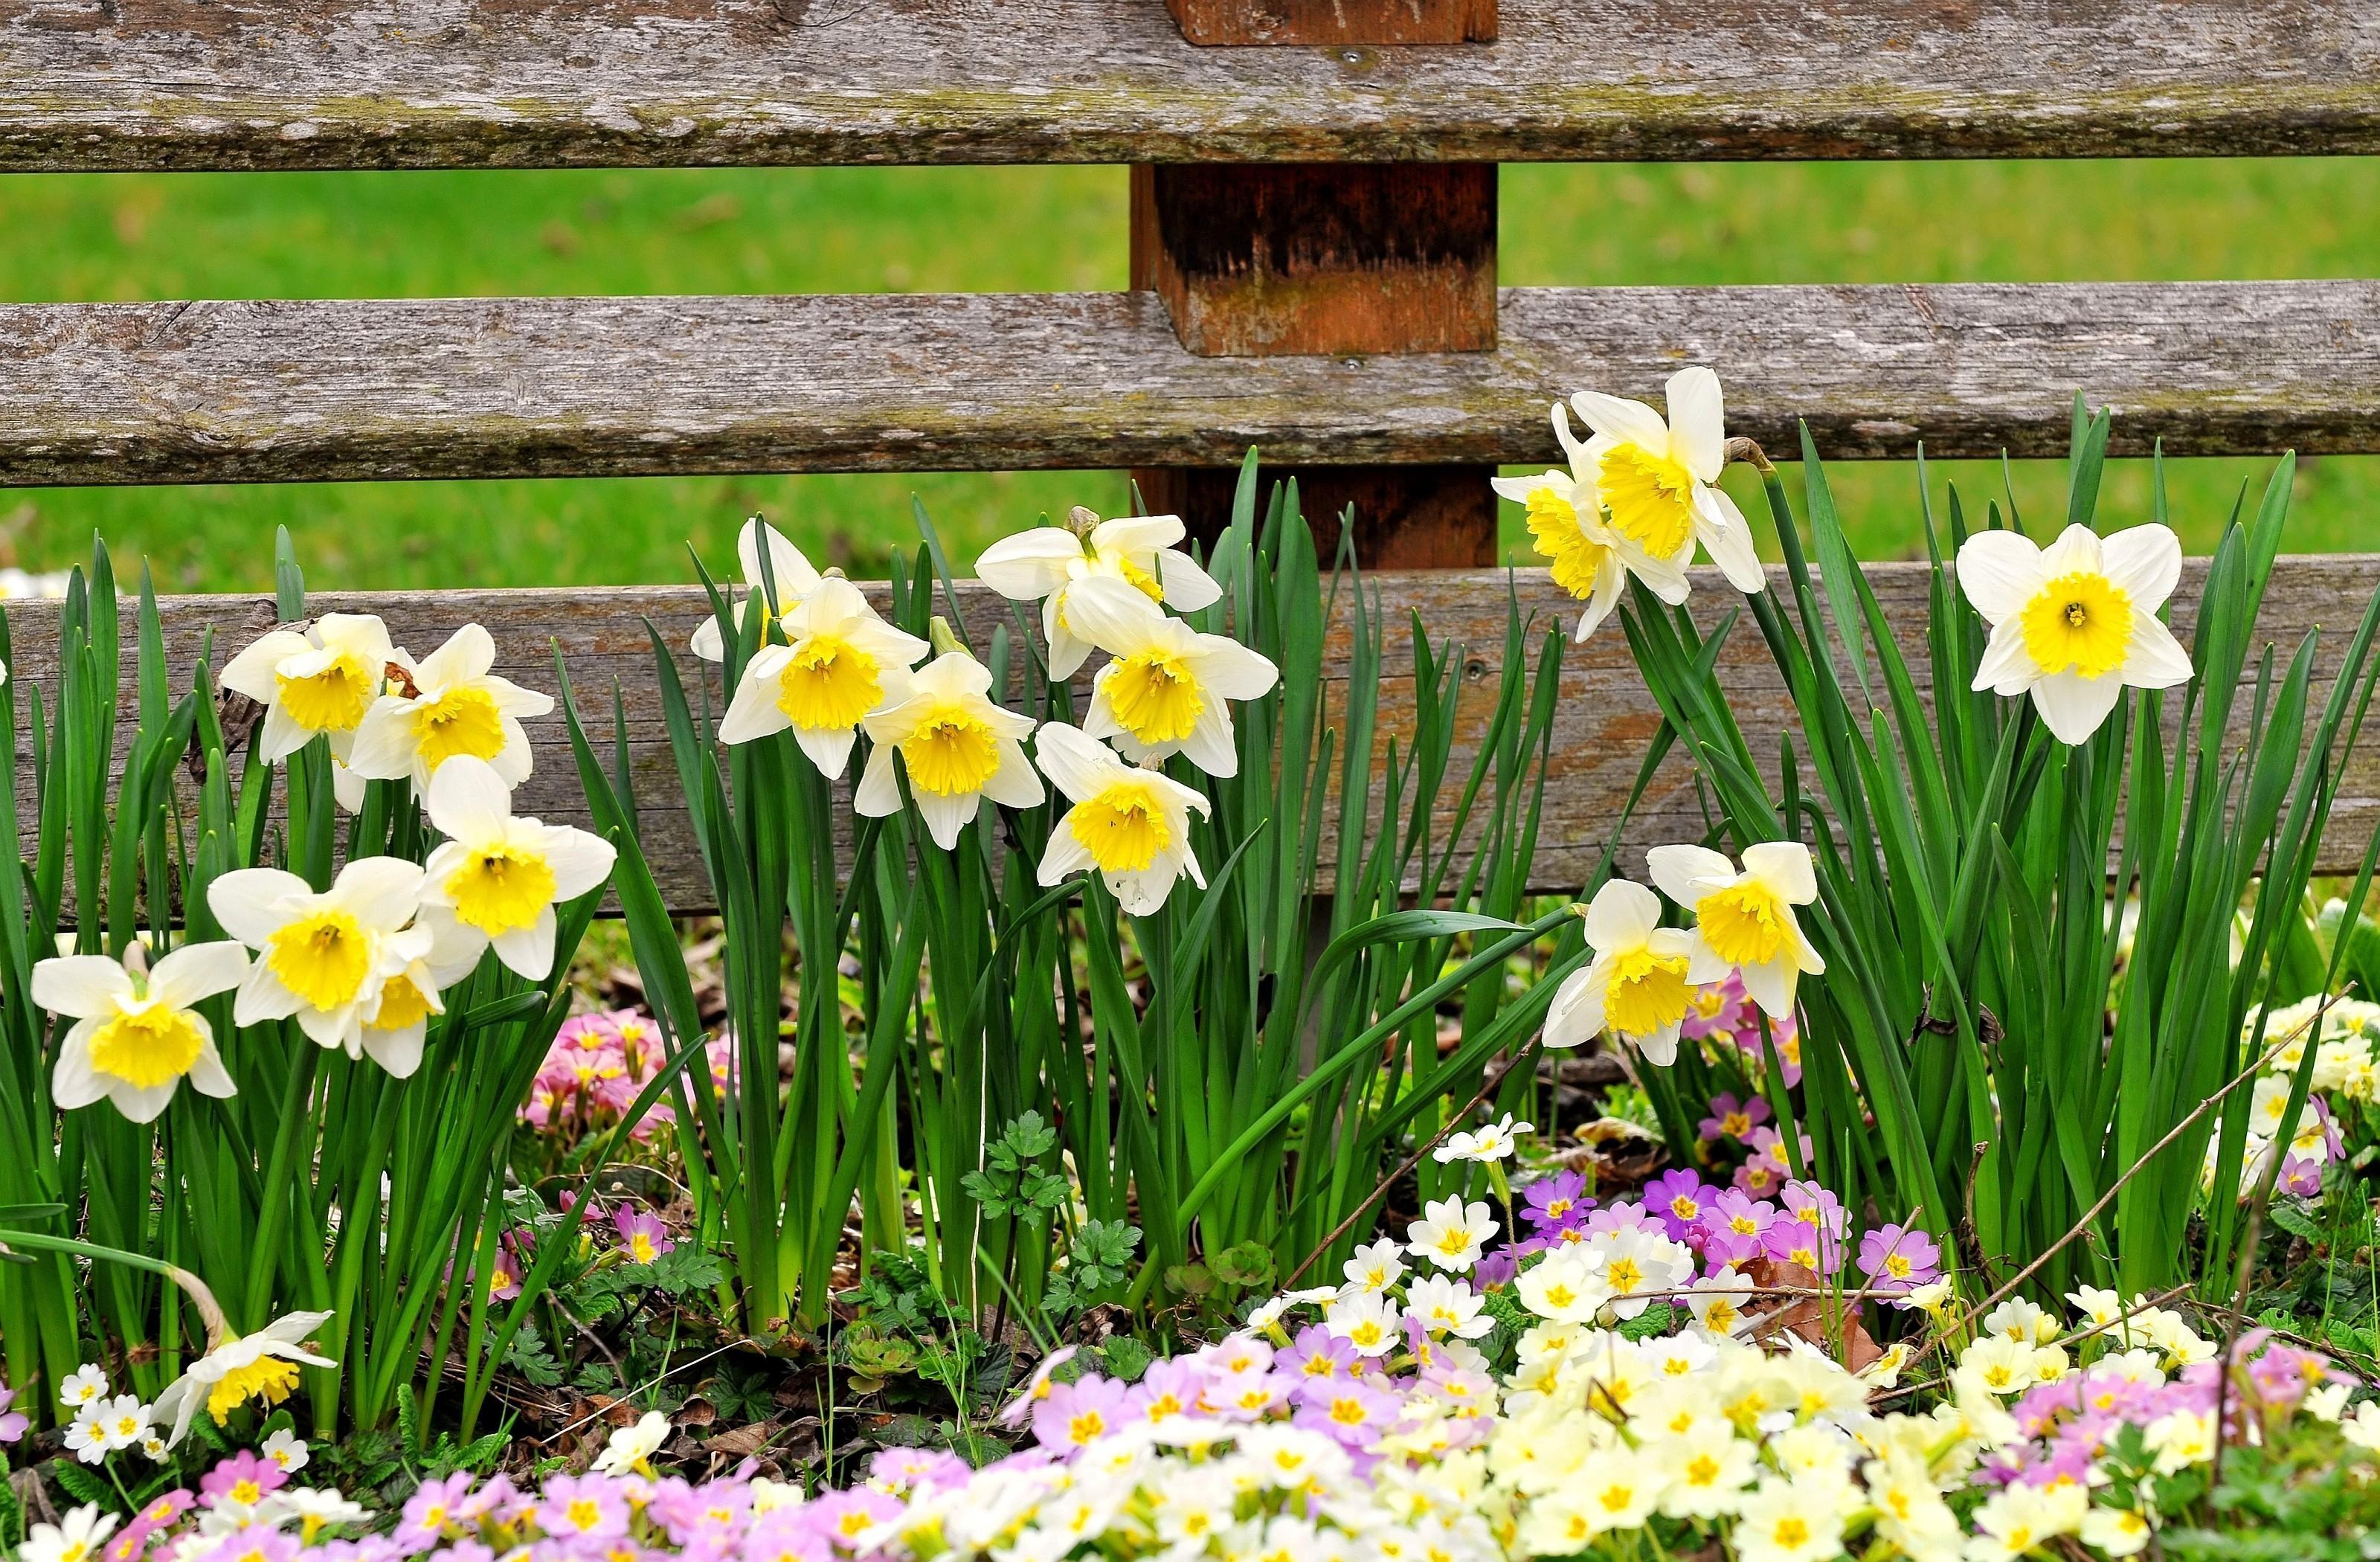 122711 Заставки и Обои Нарциссы на телефон. Скачать Цветы, Нарциссы, Ограда, Весна, Примула картинки бесплатно